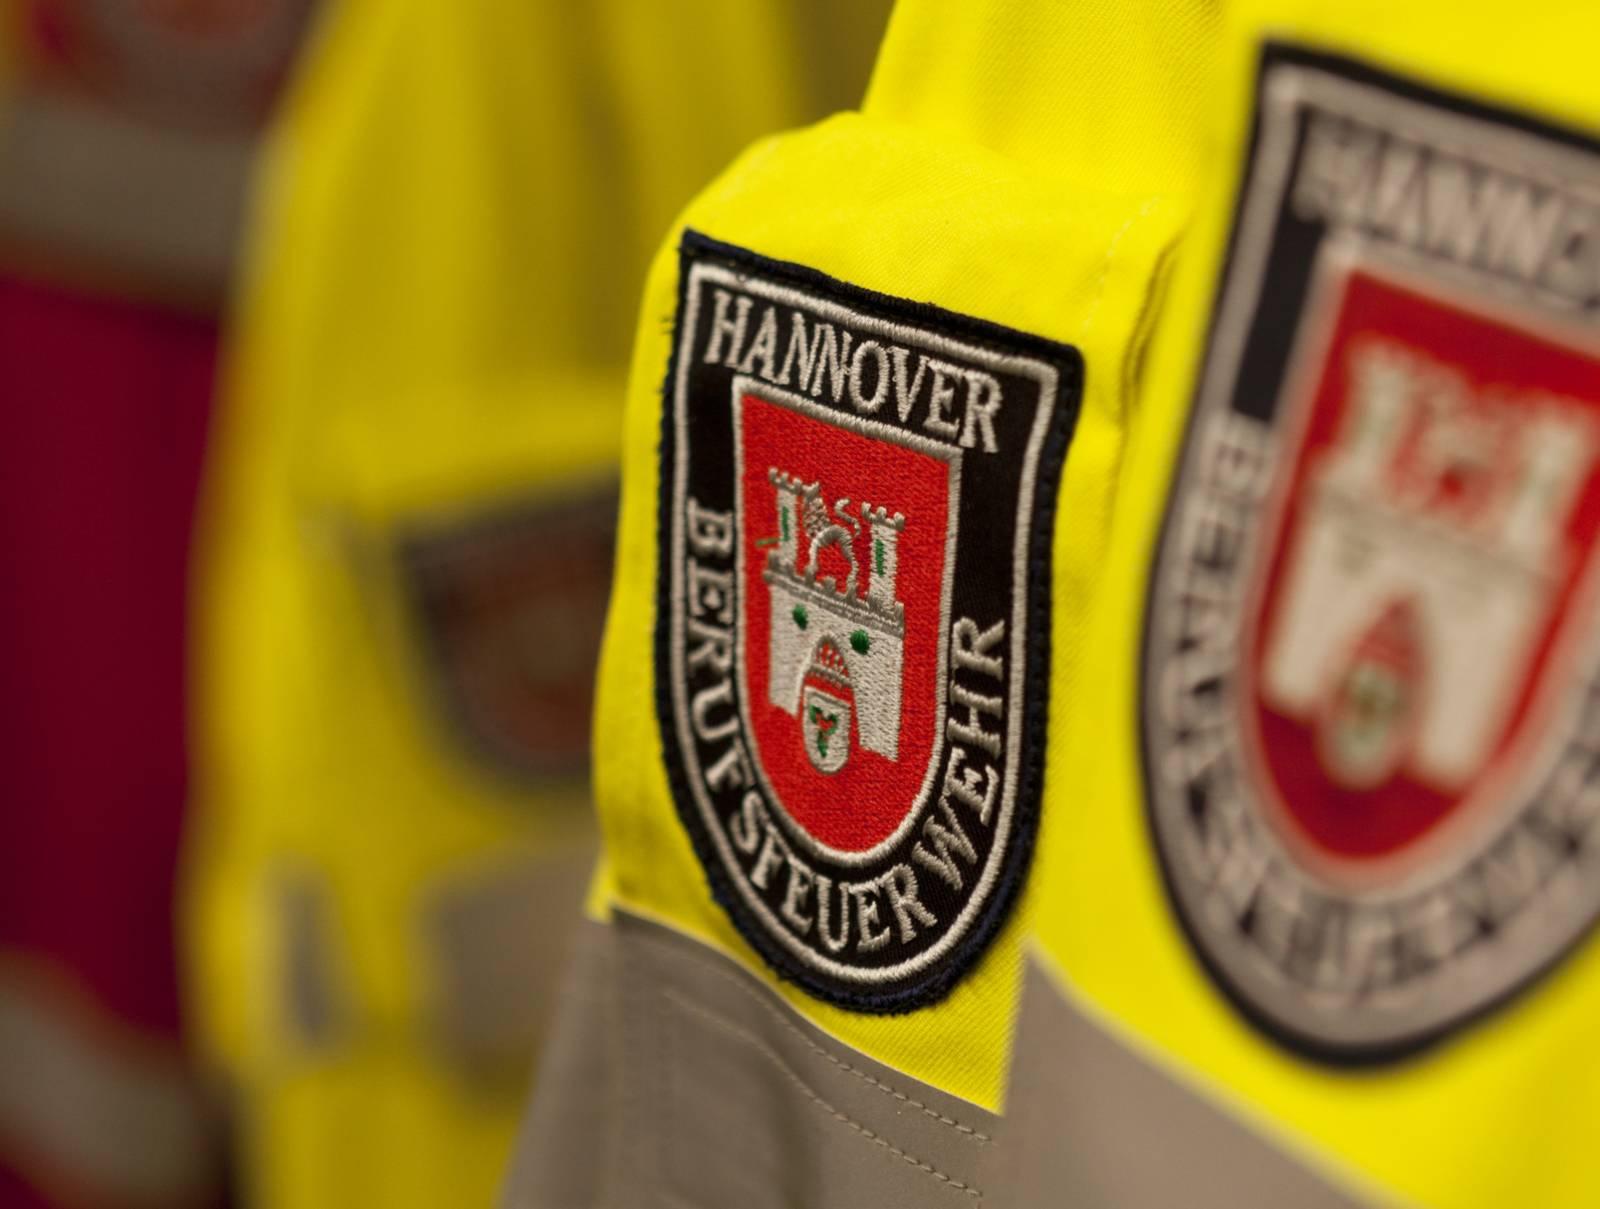 Abzeichen der Feuerwehr Hannover